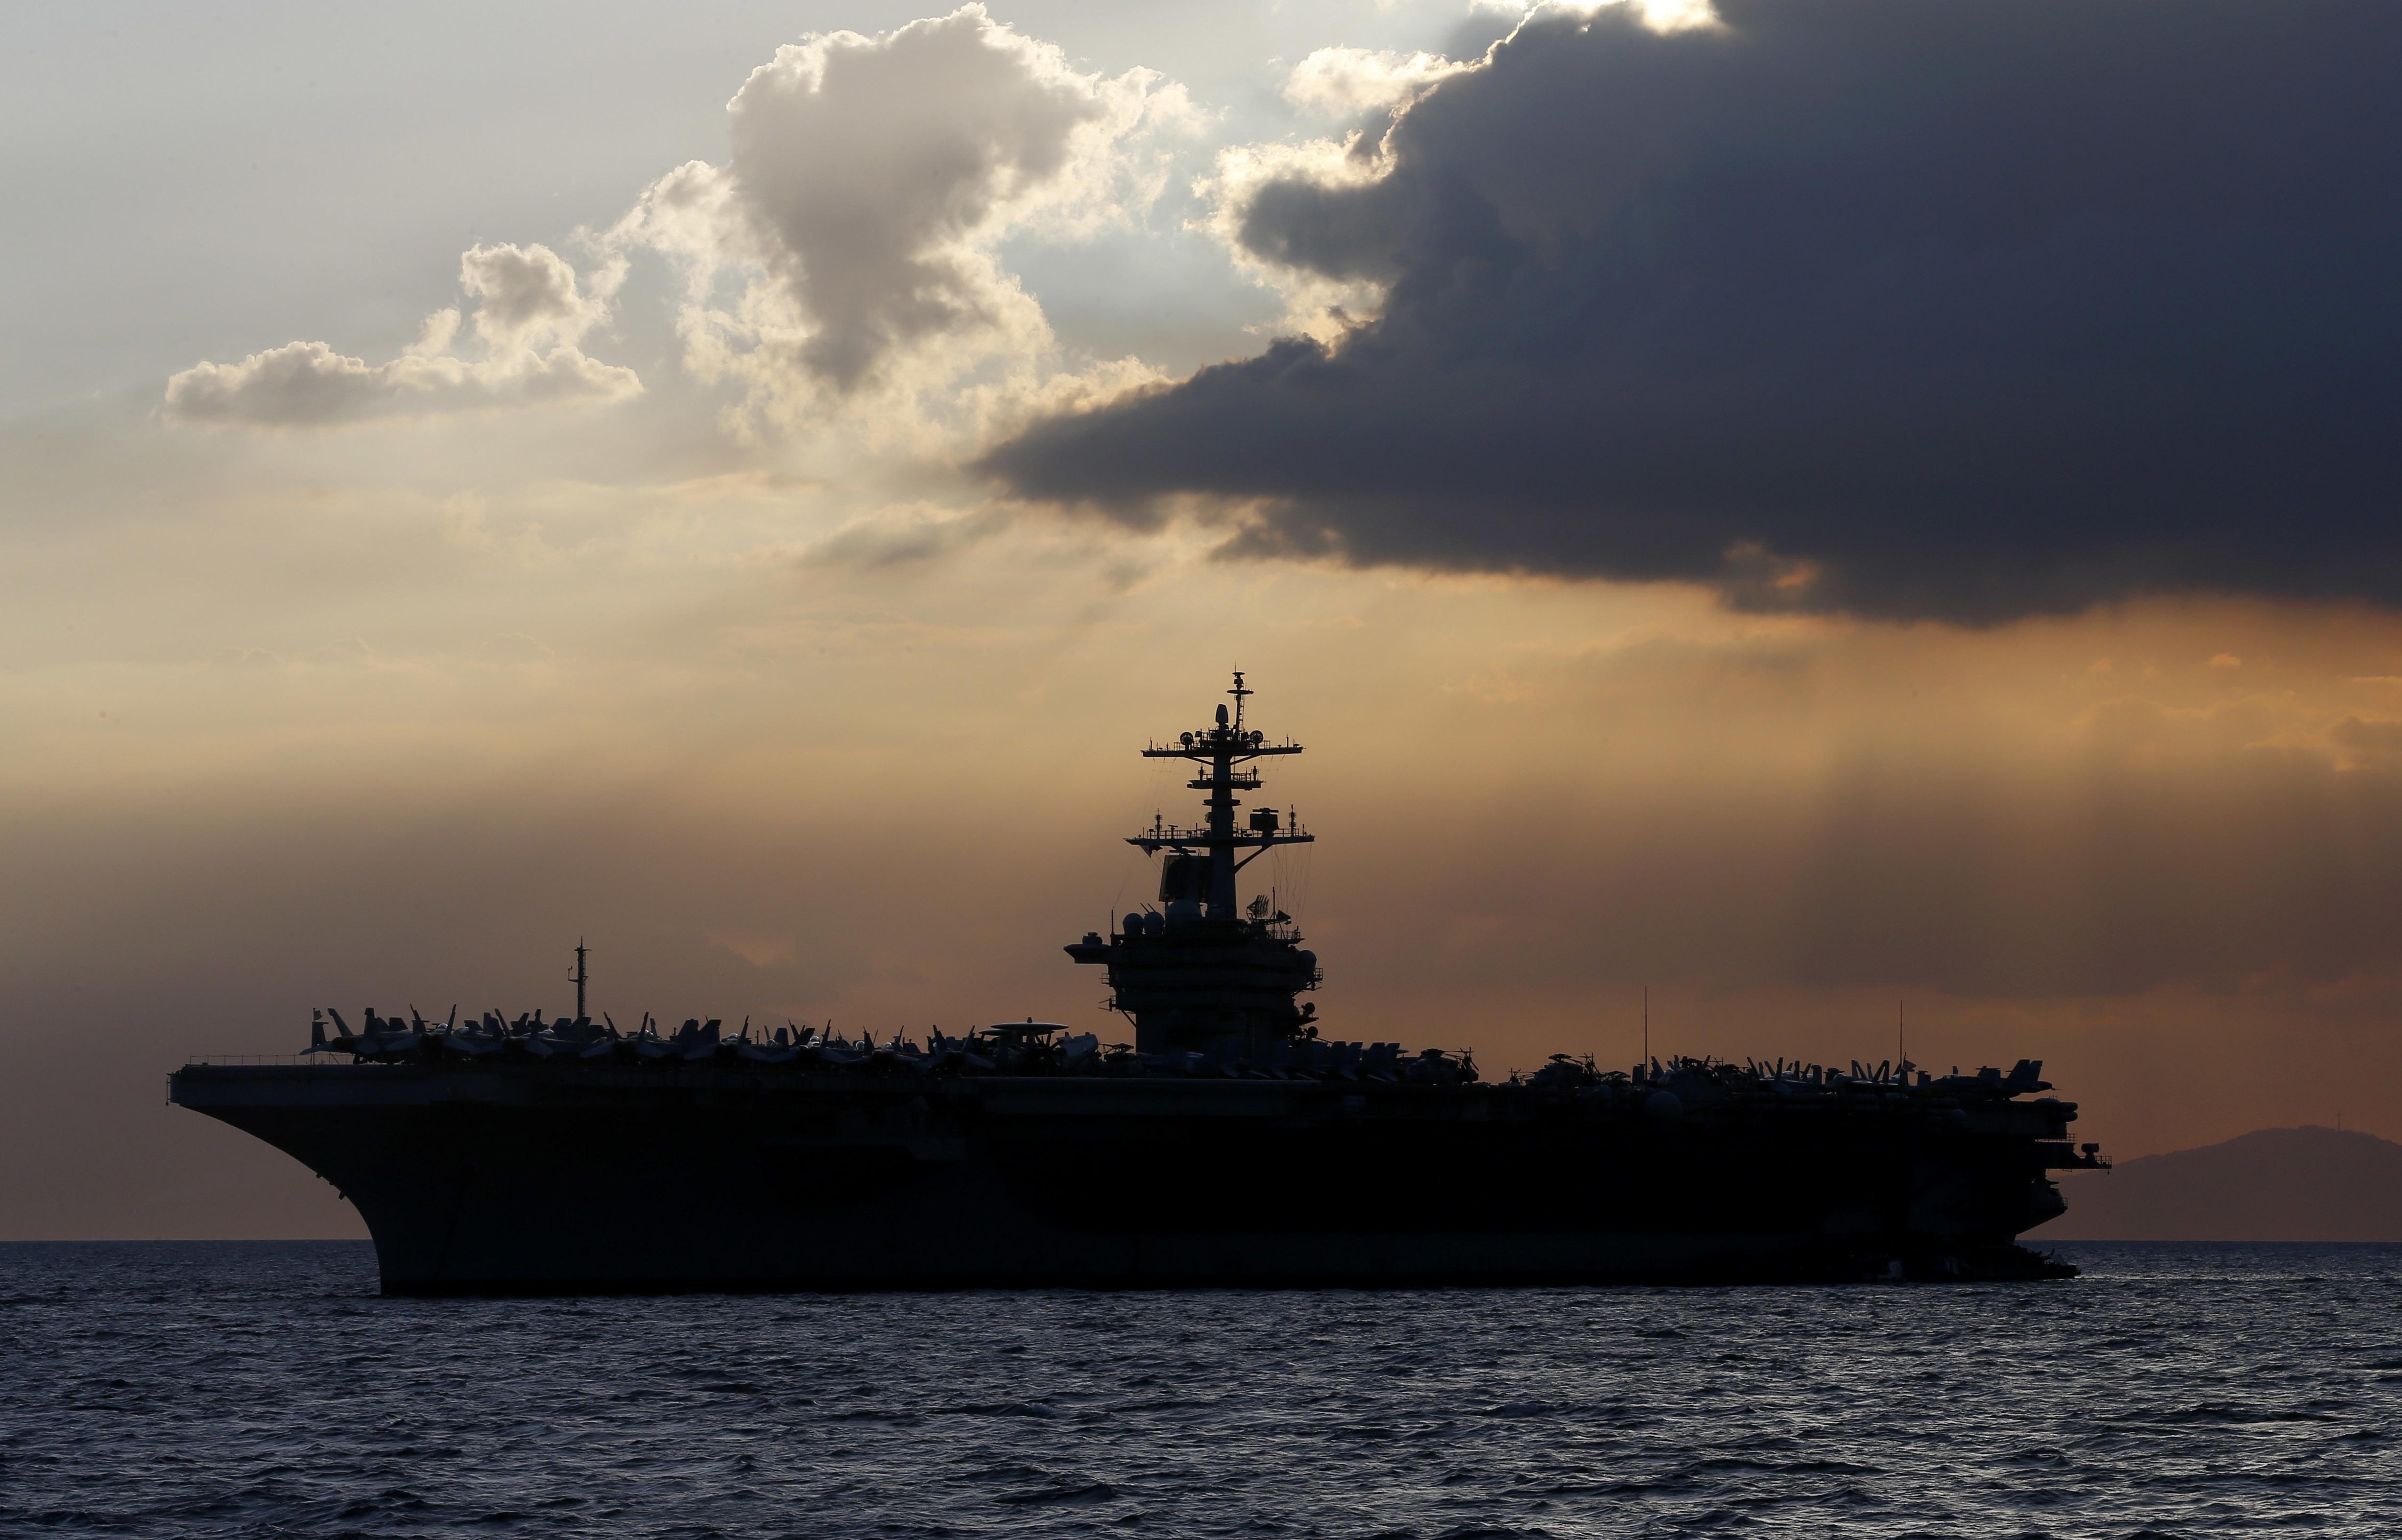 Lemondott az amerikai haditengerészeti államtitkár, miután kirúgta a koronavírustól tartó hadihajó-kapitányt, akinek az emberei megfertőződtek